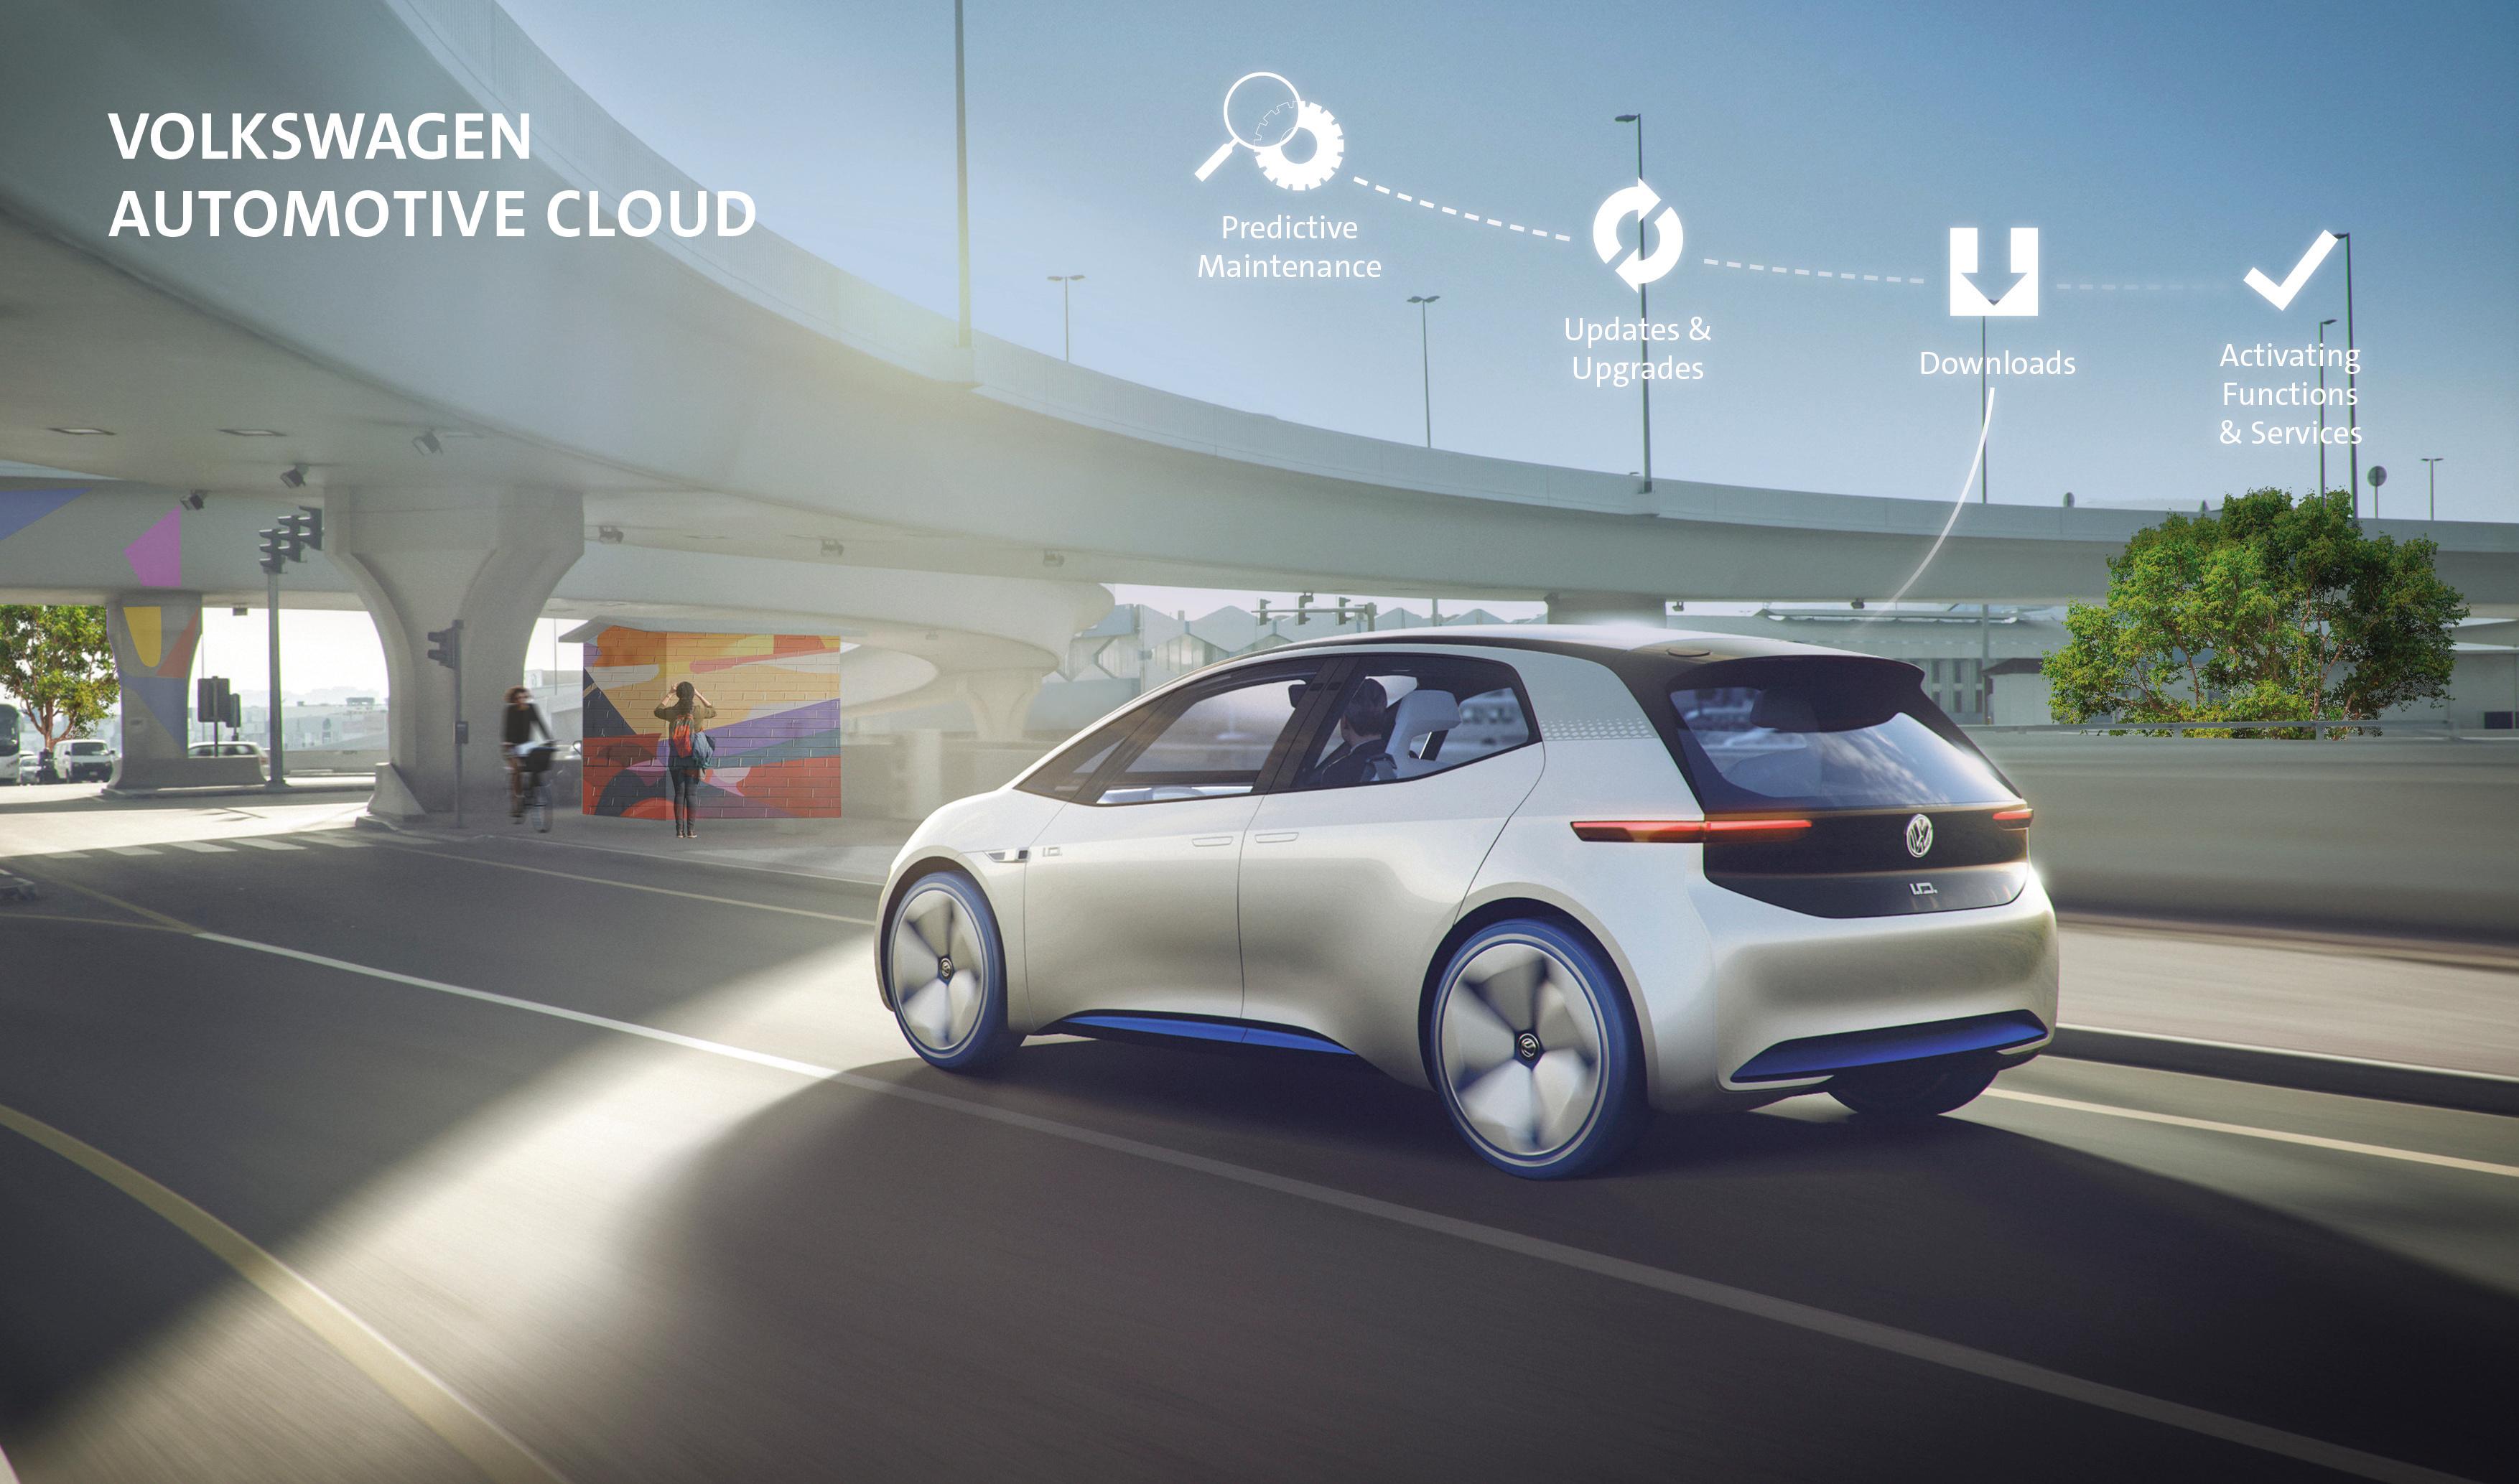 Volkswagen adquire empresa da Volvo e investe 15 bilhões de reais para conectar seus automóveis